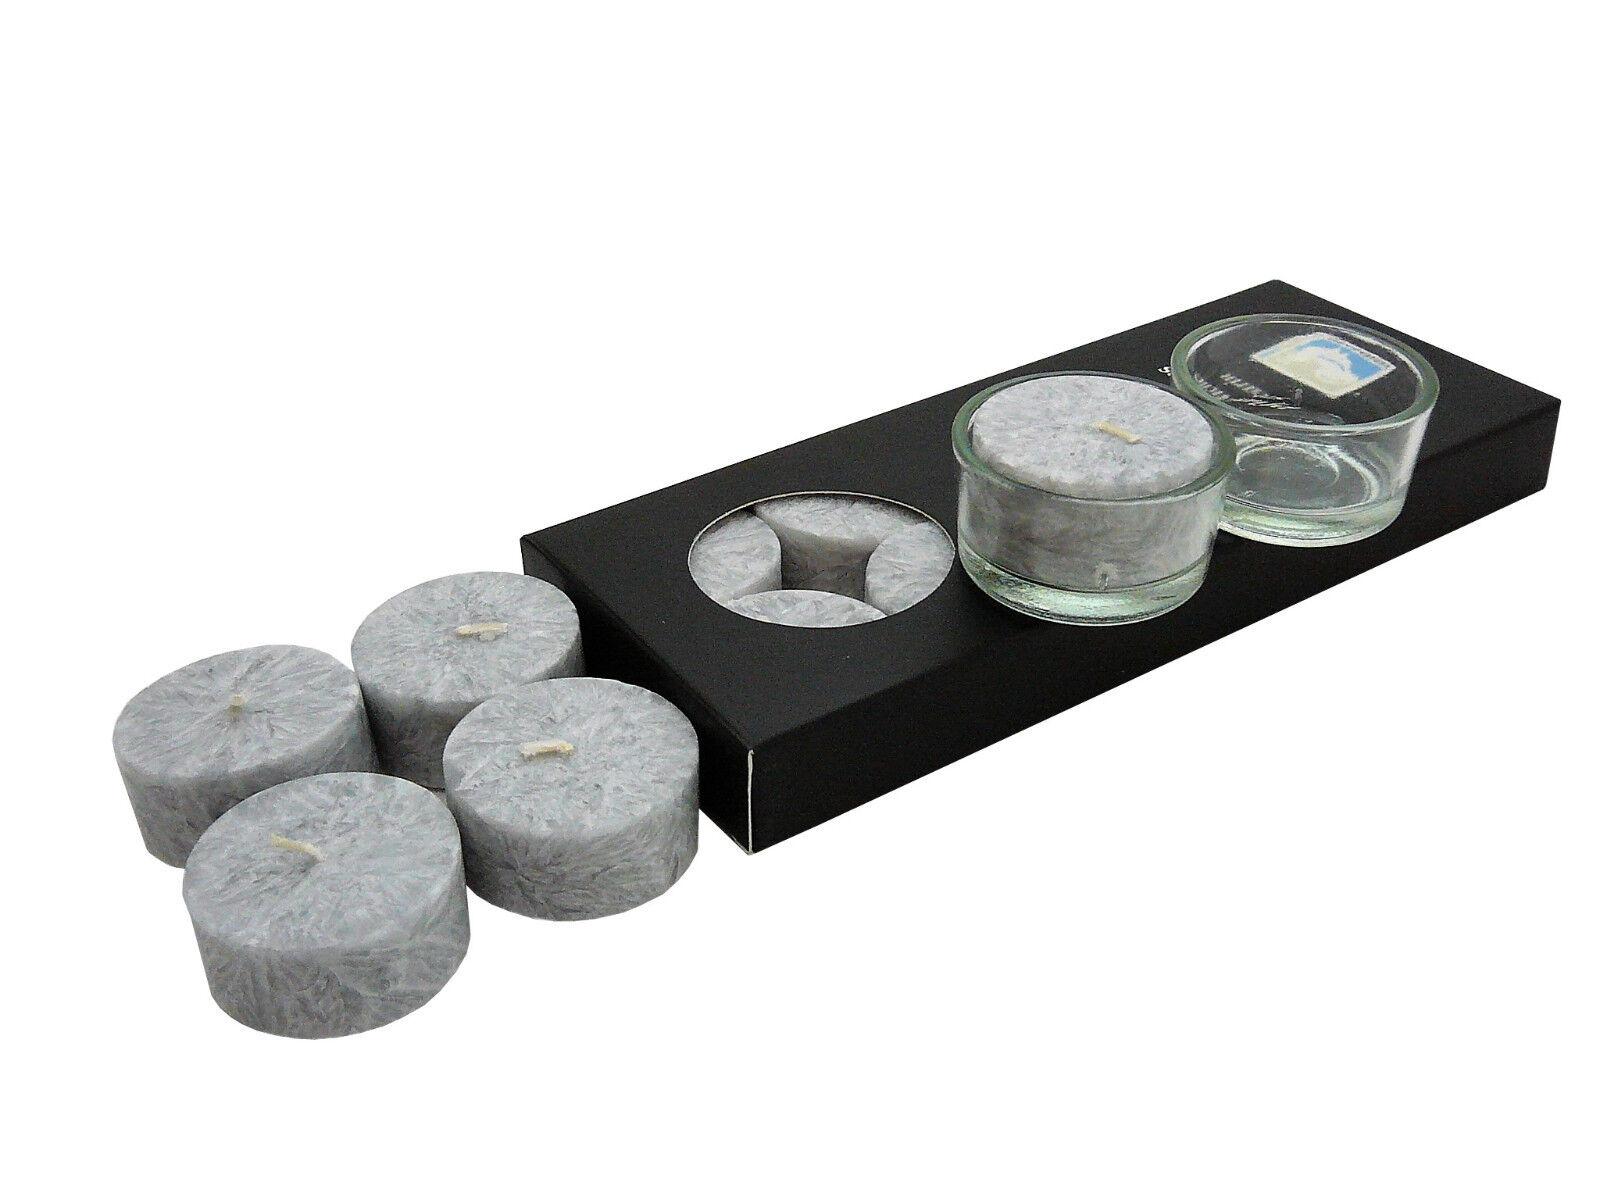 10 Stearin Teelichter Grau ohne Hülle Kerzenfarm Hahn inkl. 2 Glashalter